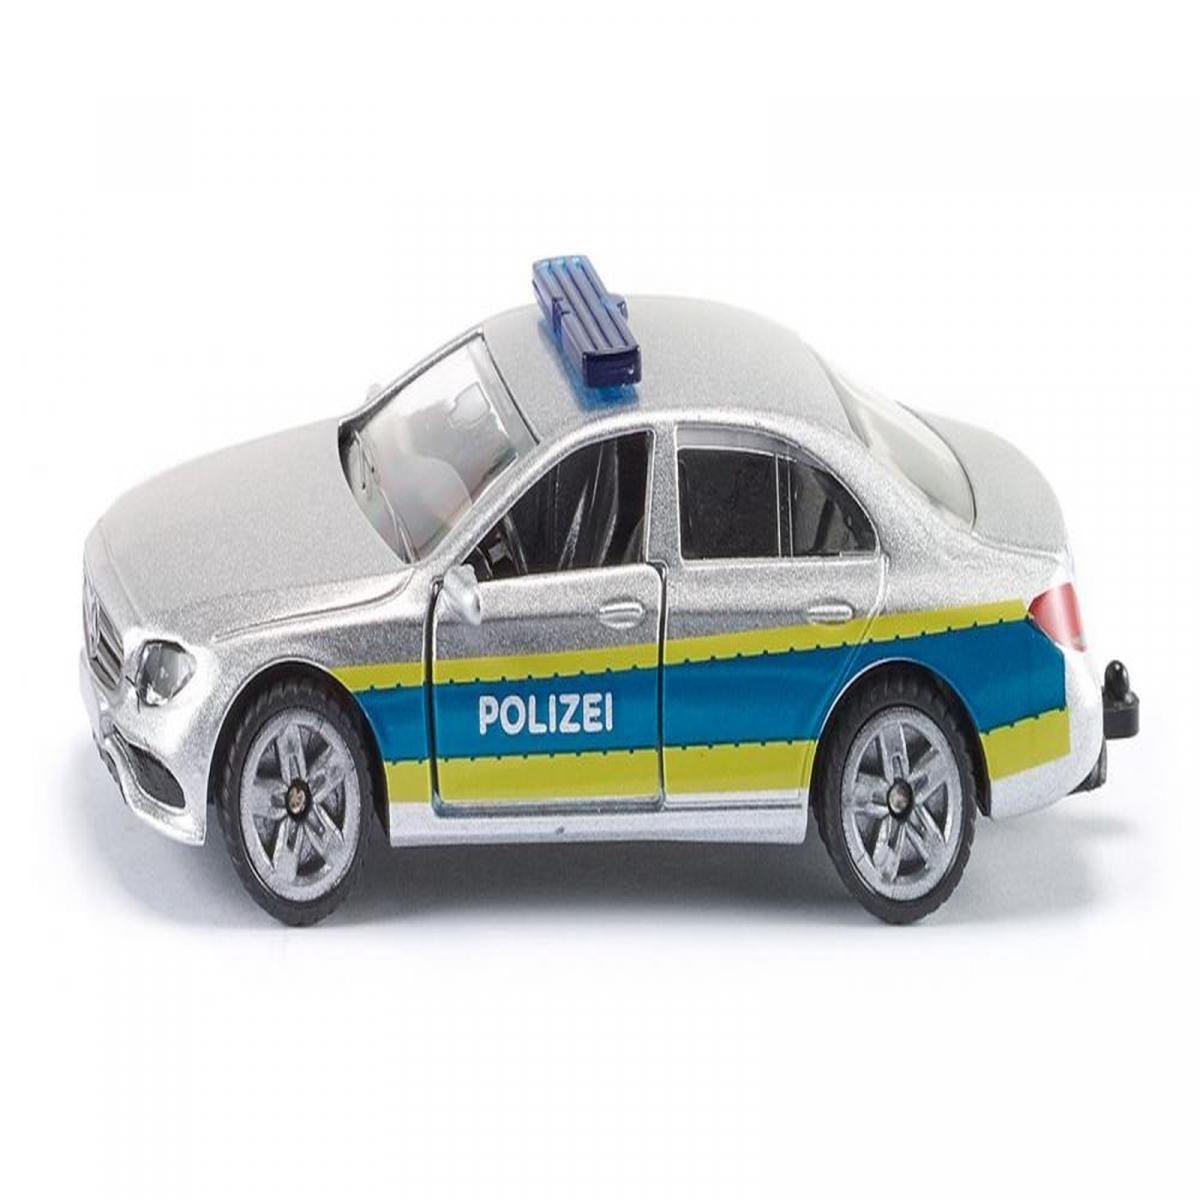 OVP Polizei-Streifenwagen Siku Super Art.1504 Neu